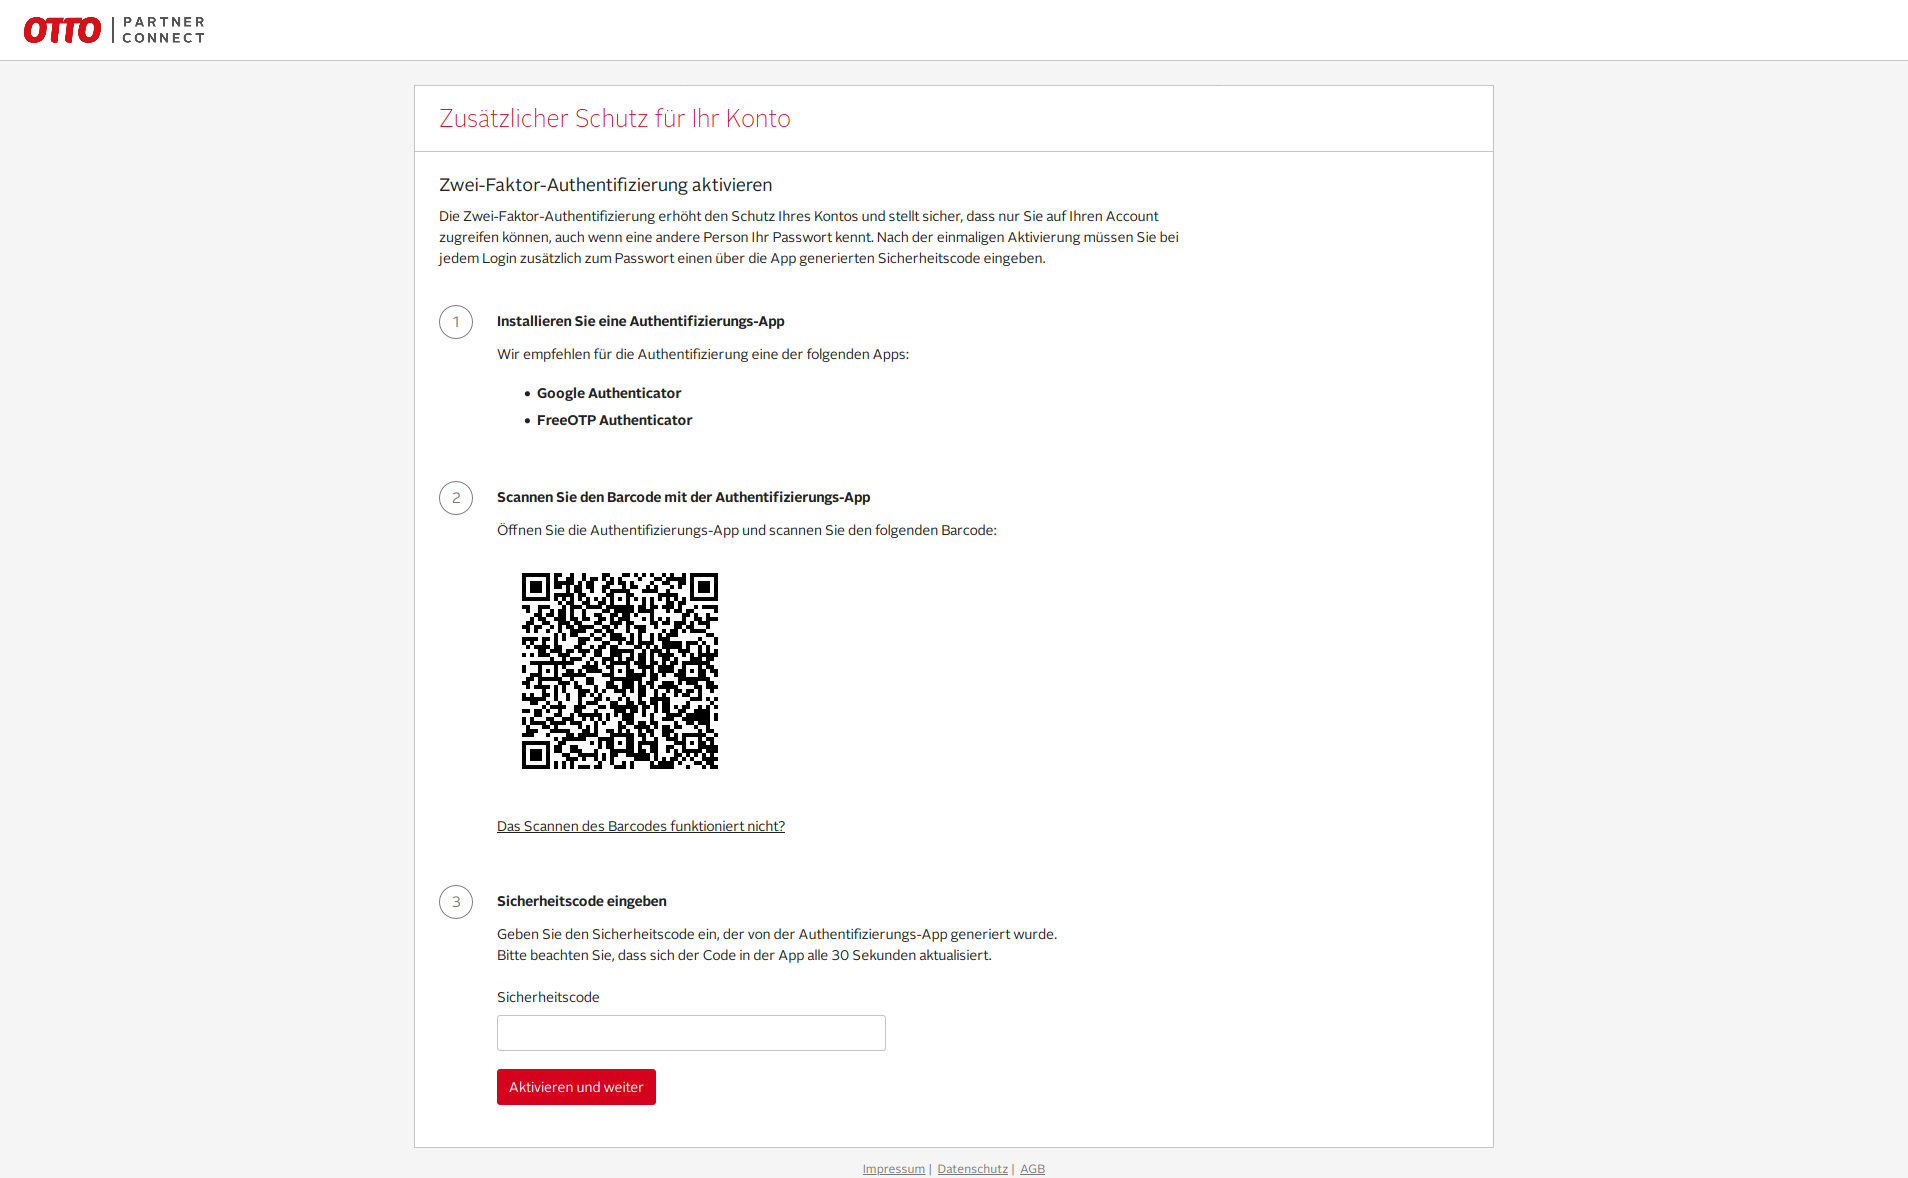 Das Bild zeigt das OTTO Partner Connect Portal.